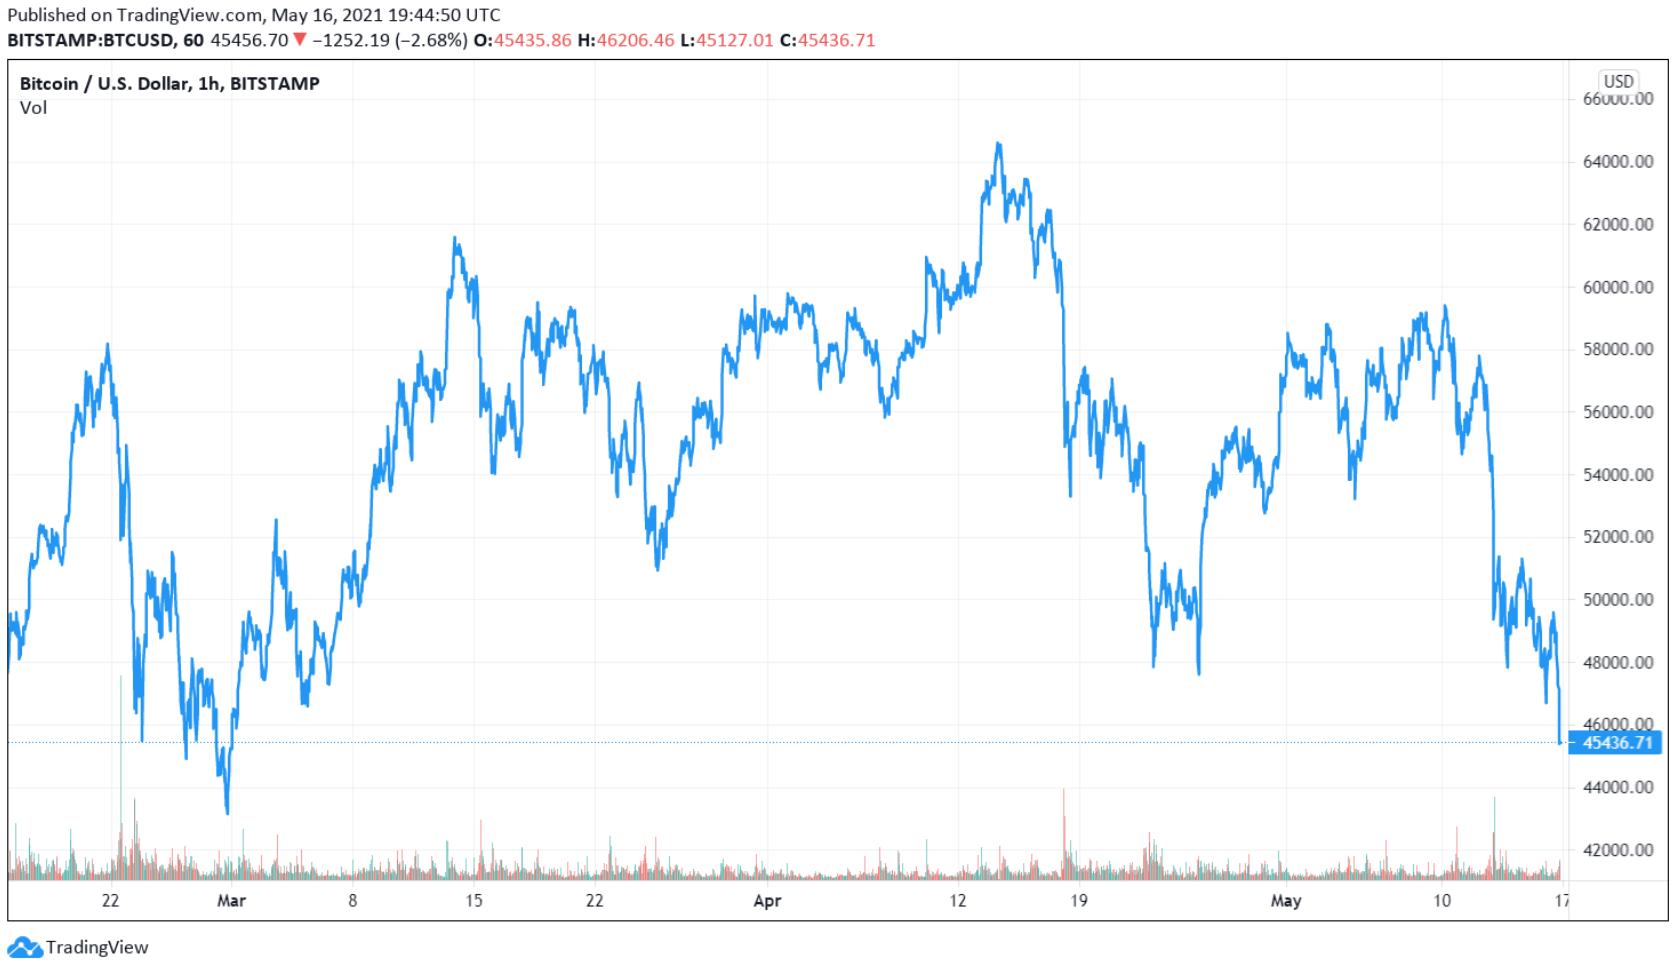 bitcoin preț ultimele 30 de zile